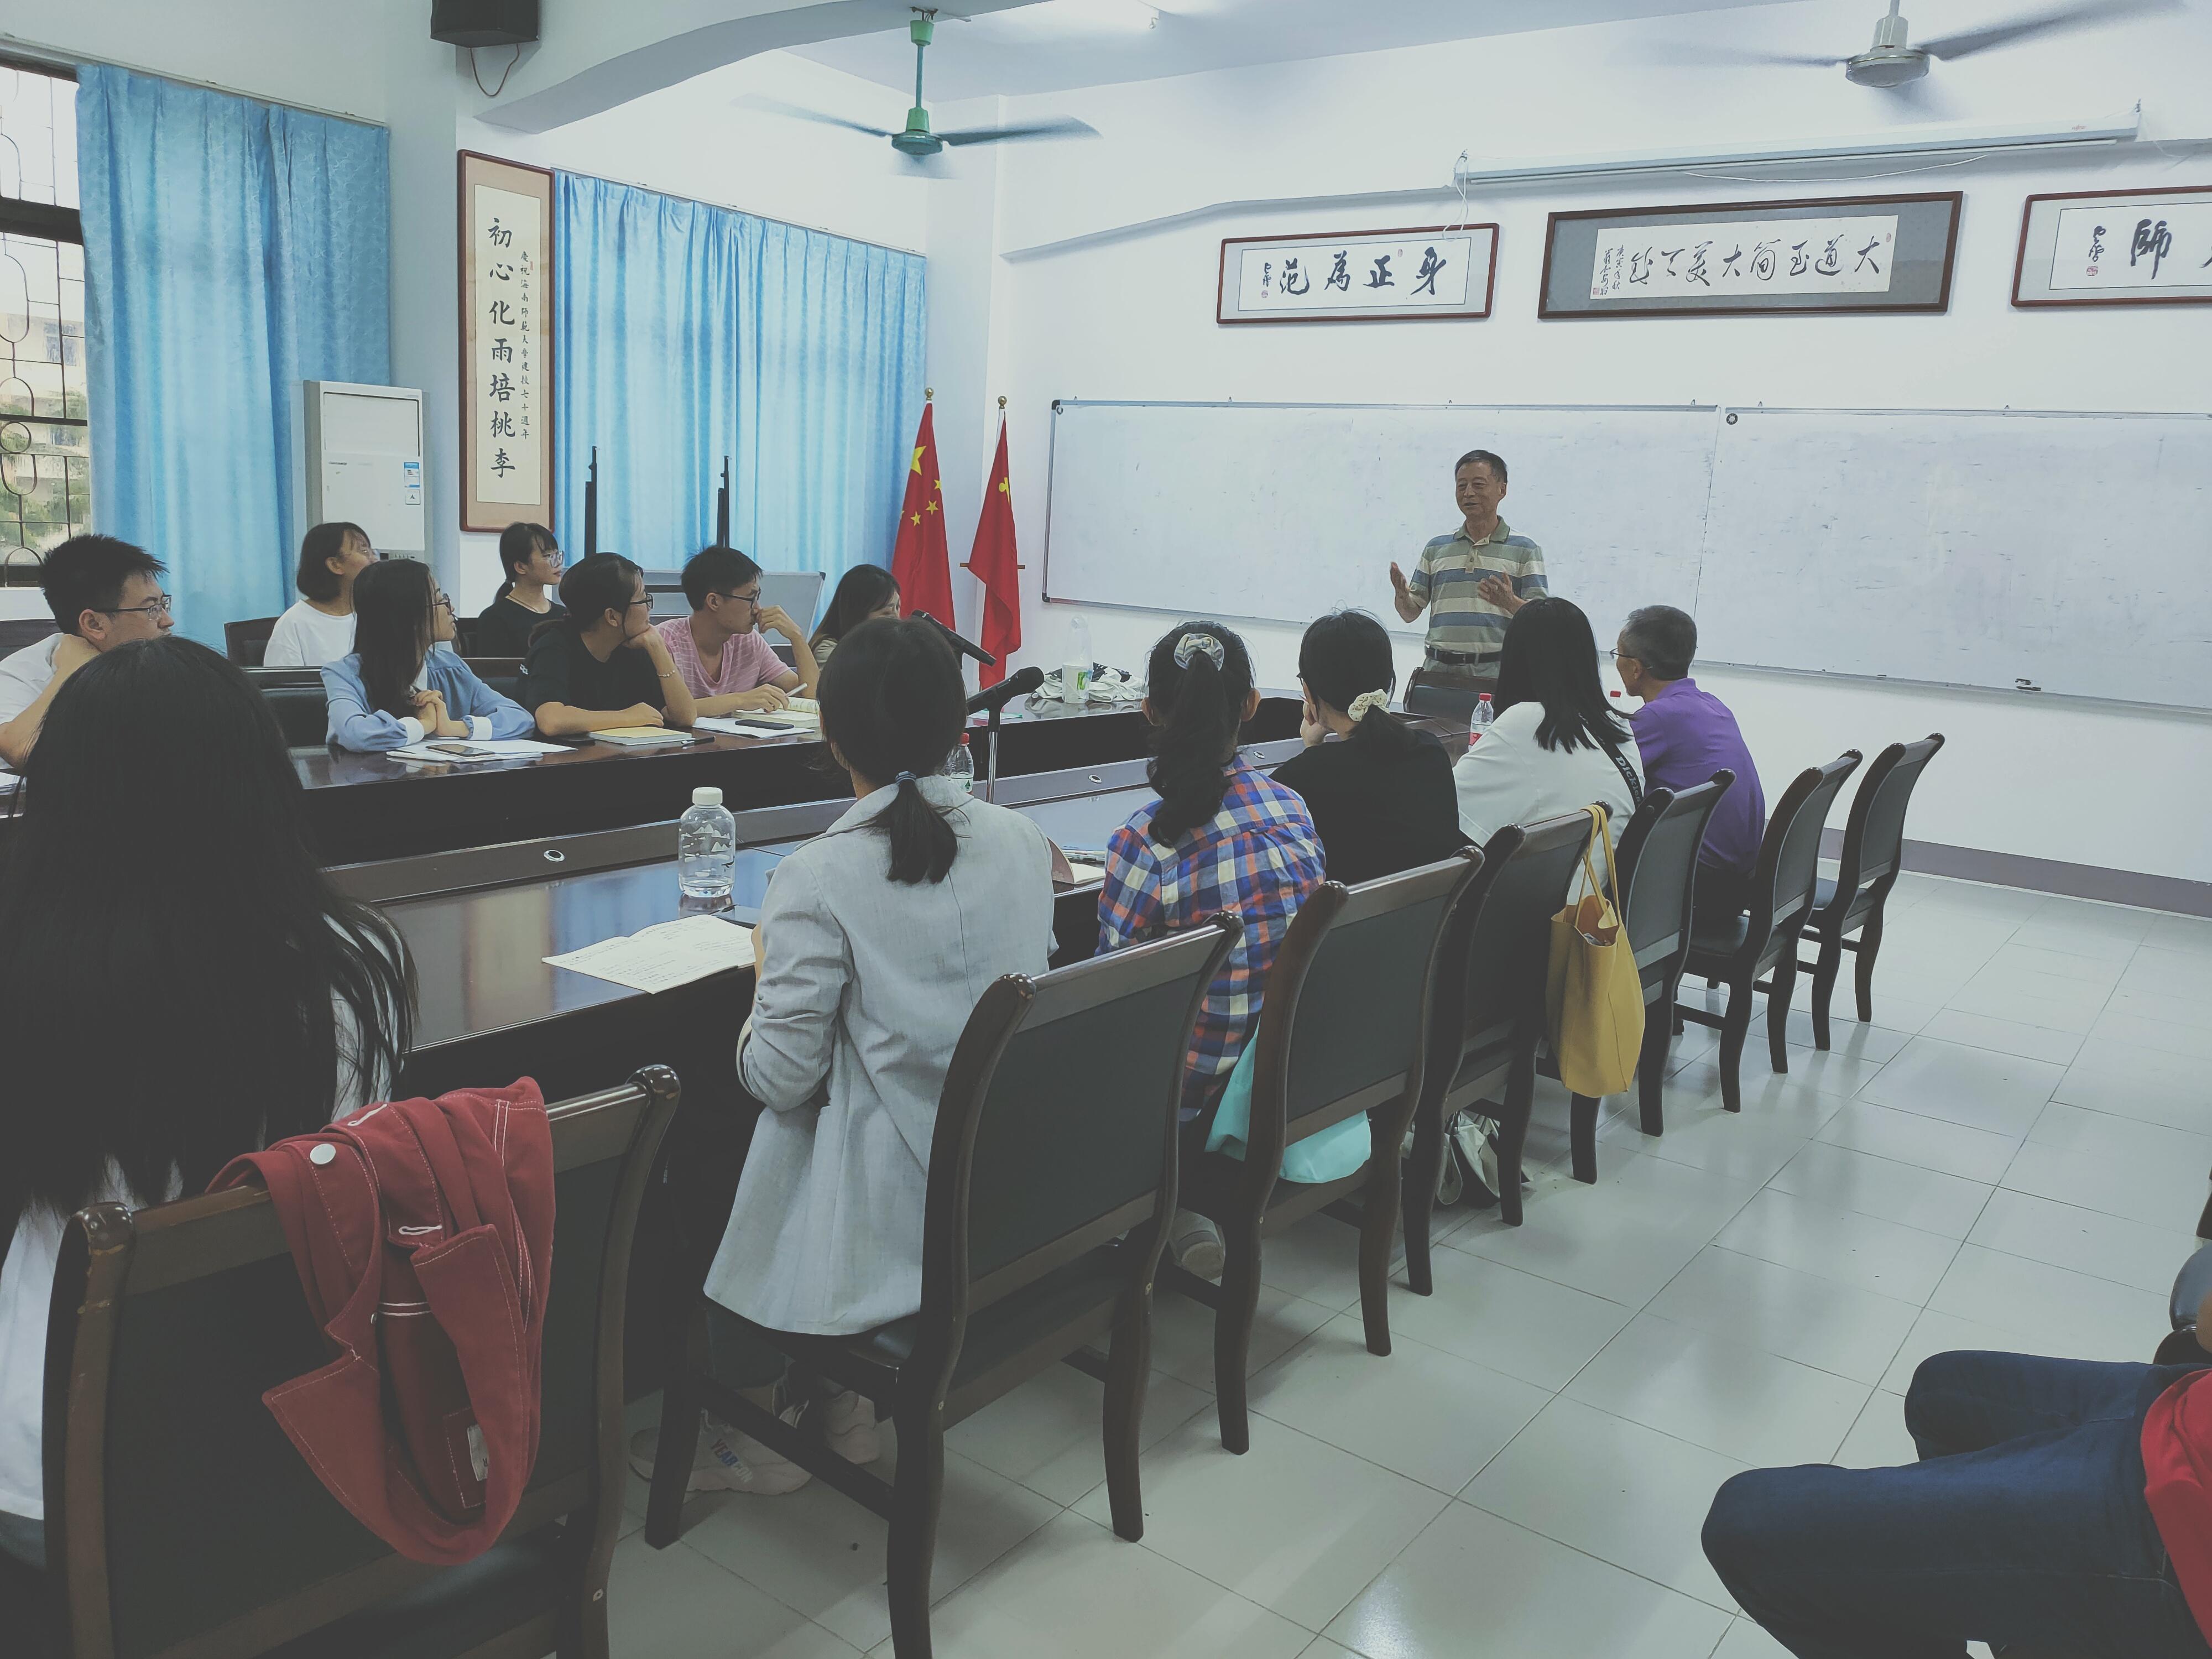 中国科技大学郭文彬教授来我校讲学